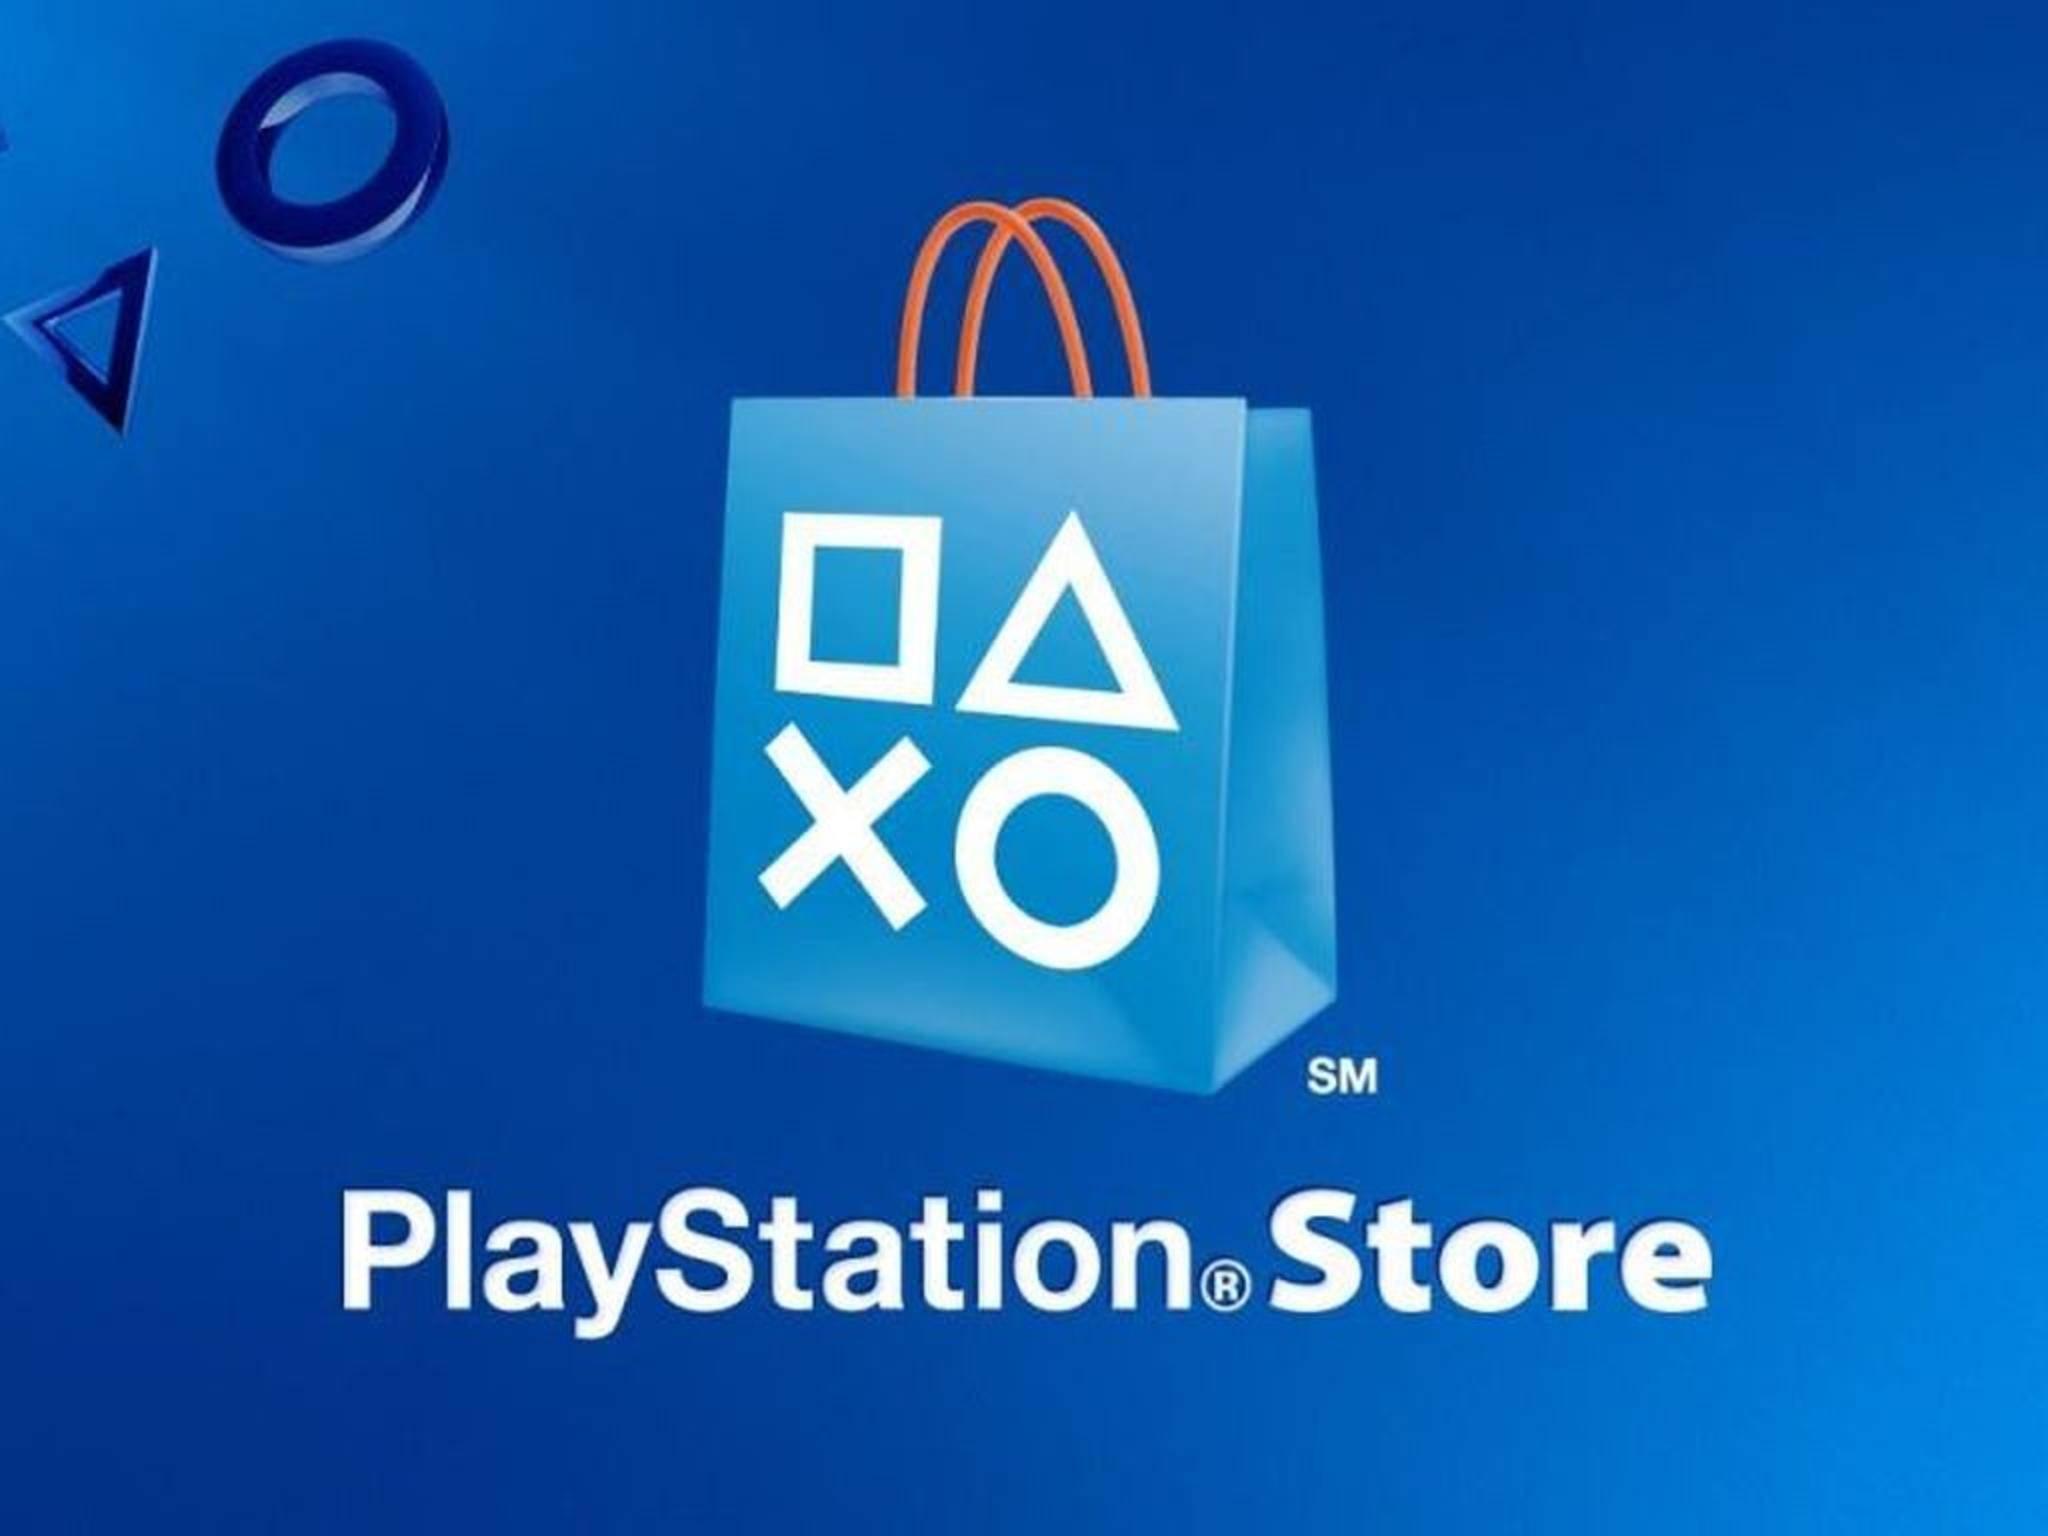 ImPlayStation Store kannst Du von überall aus Spiele kaufen und sie herunterladen.